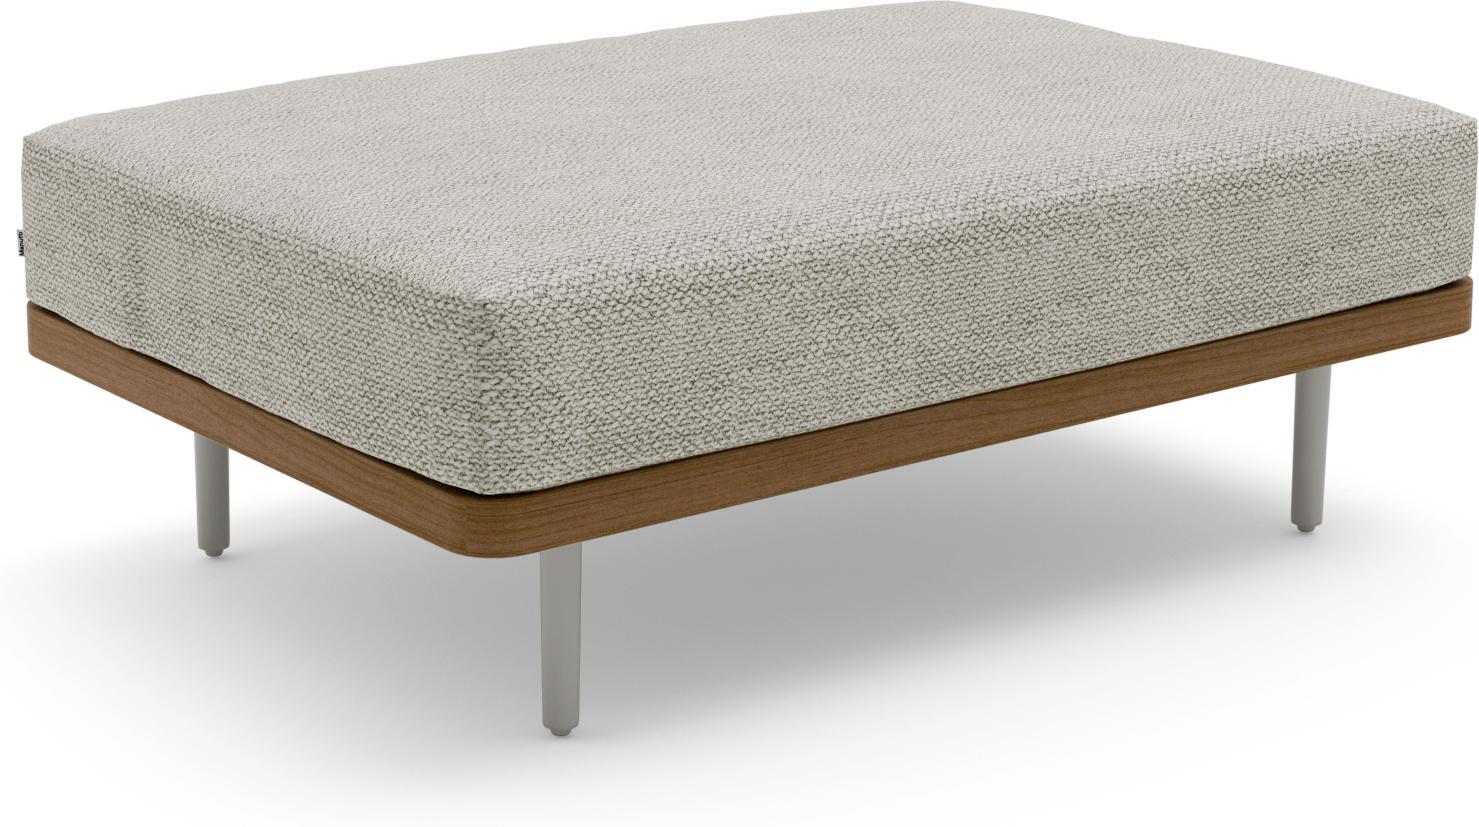 Flex großer Fußhocker/Lounge-Tisch - flintgrau - Teak